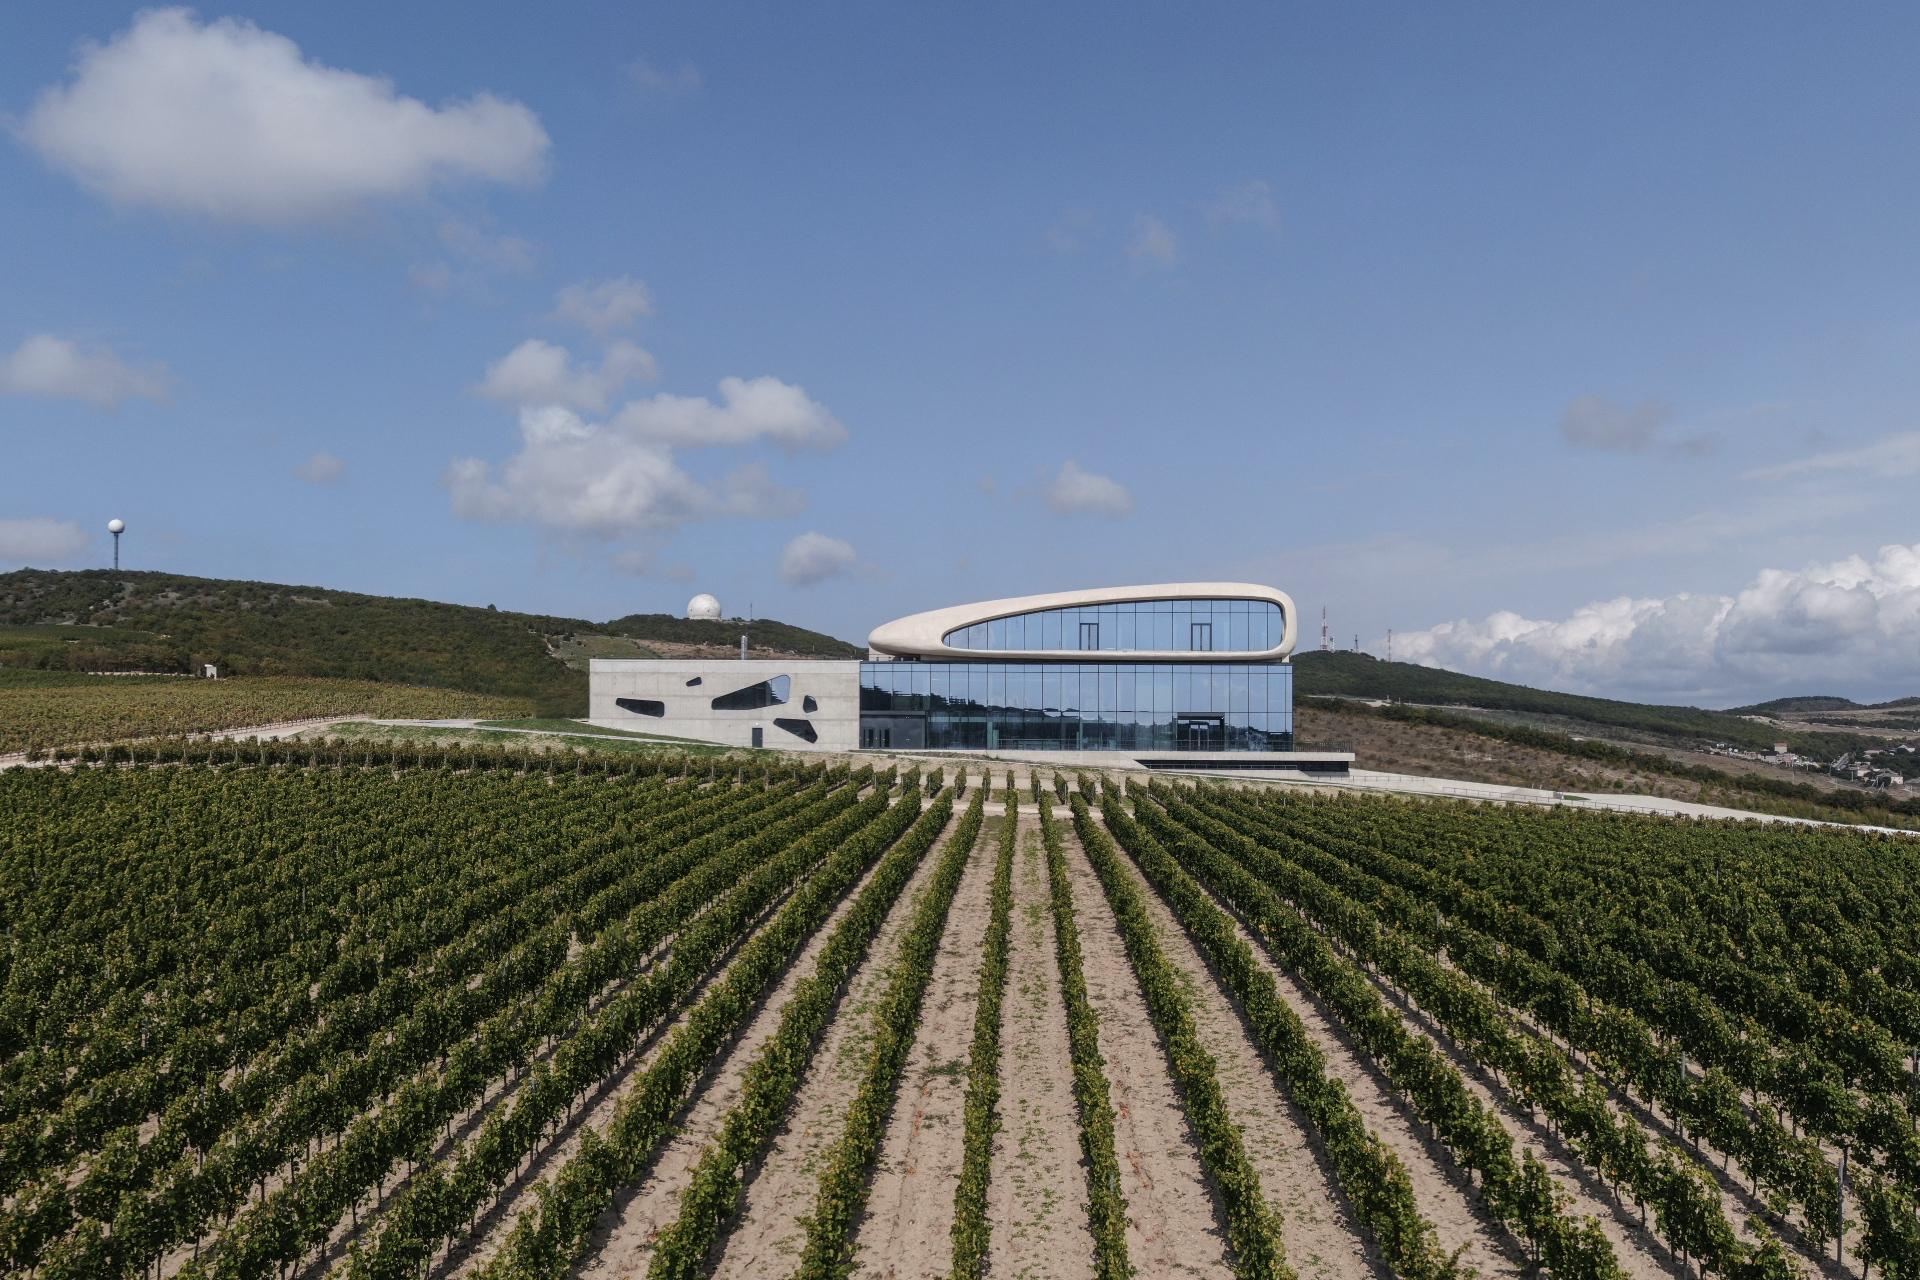 Вид на гравитационную винодельню и виноградники в Анапе.